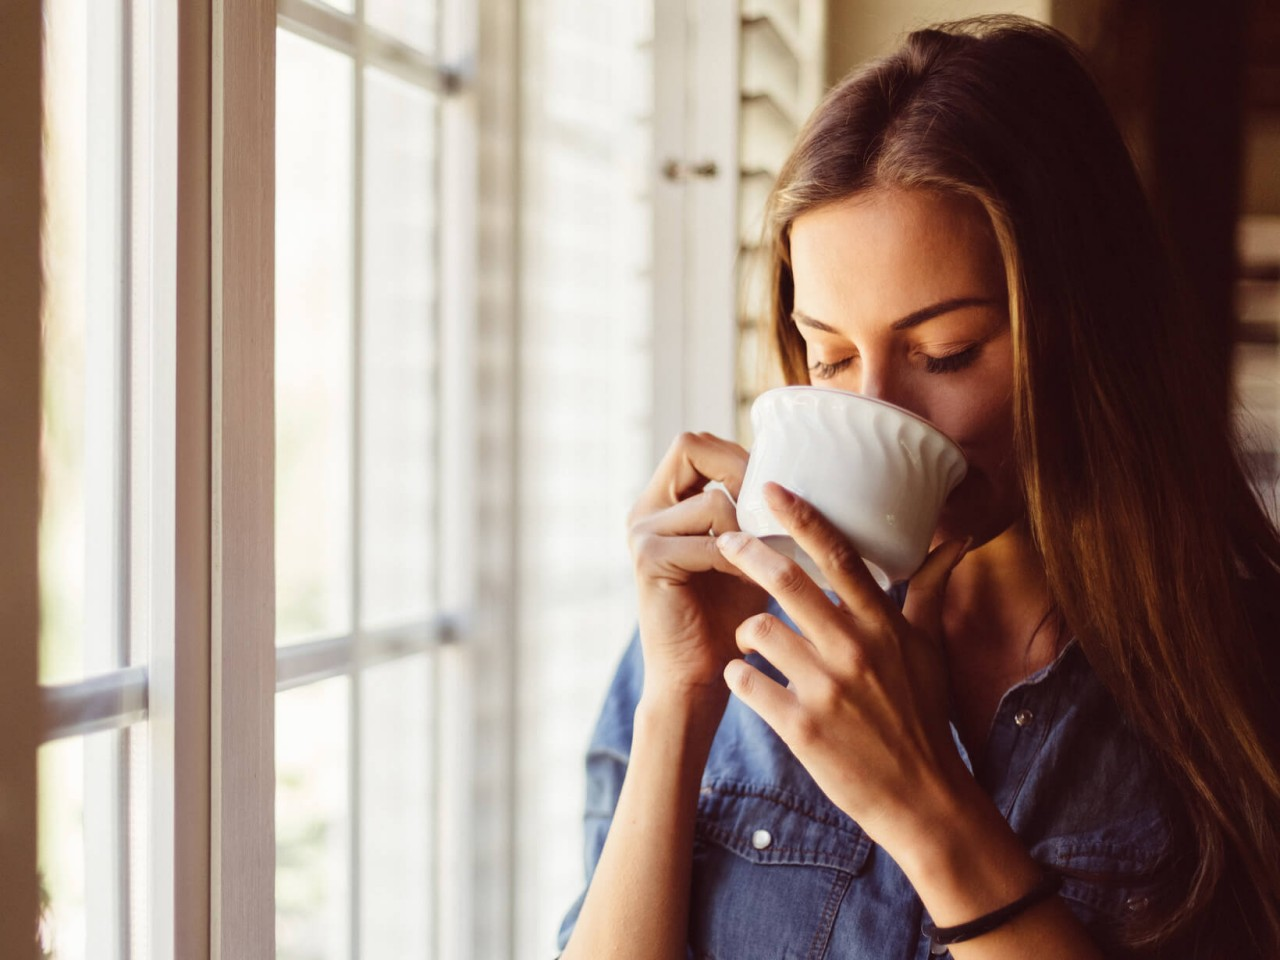 Kurşun Geçirmez (Bulletproof) Kahve Nedir? Potansiyel Dezavantajları Nelerdir?